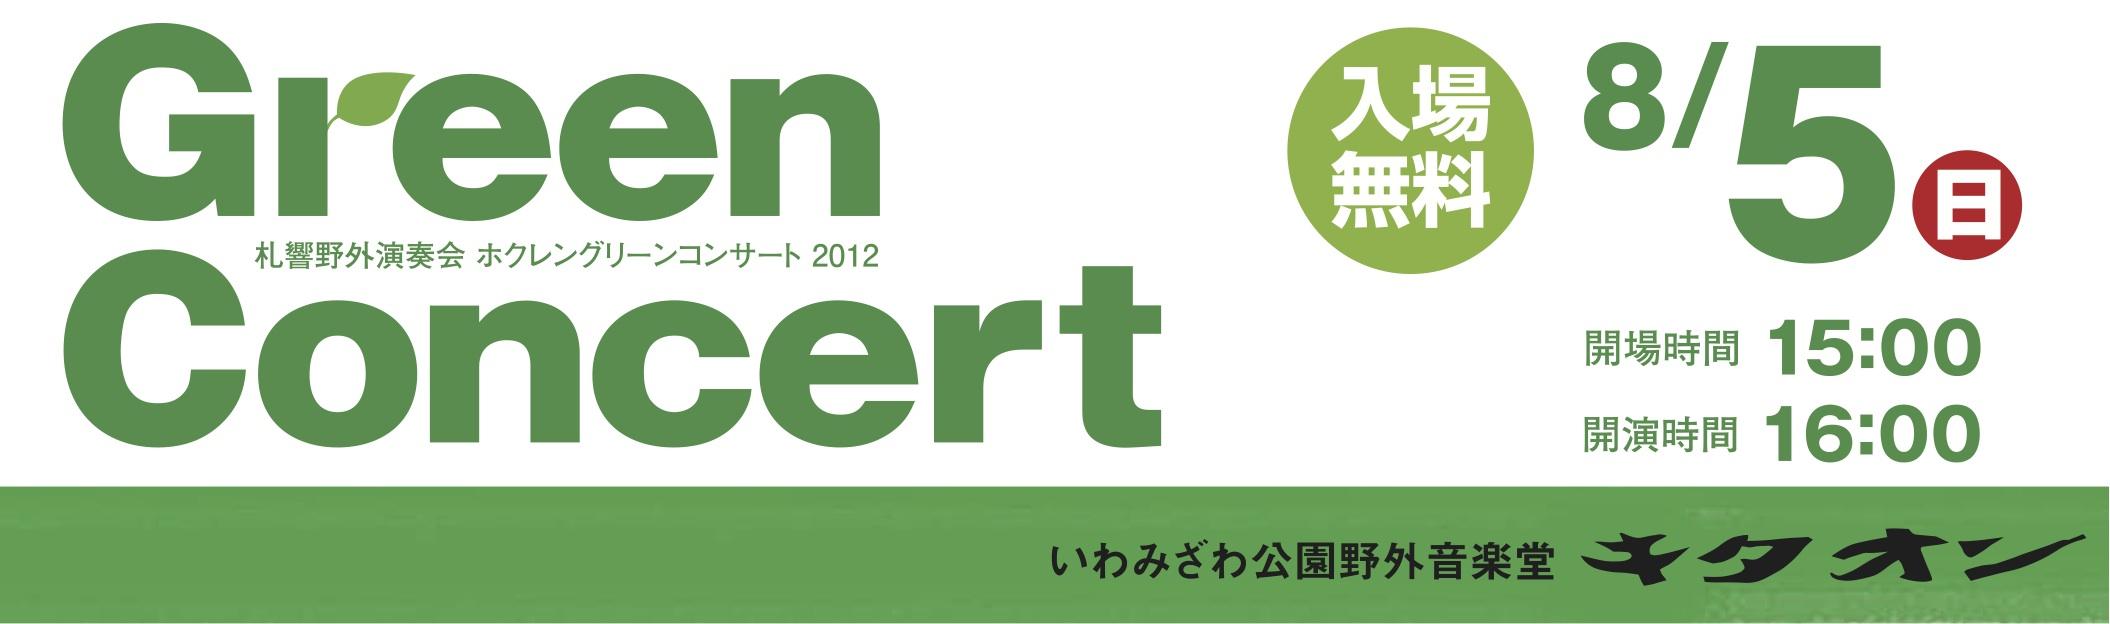 札響野外演奏会 ホクレングリーンコンサート2012